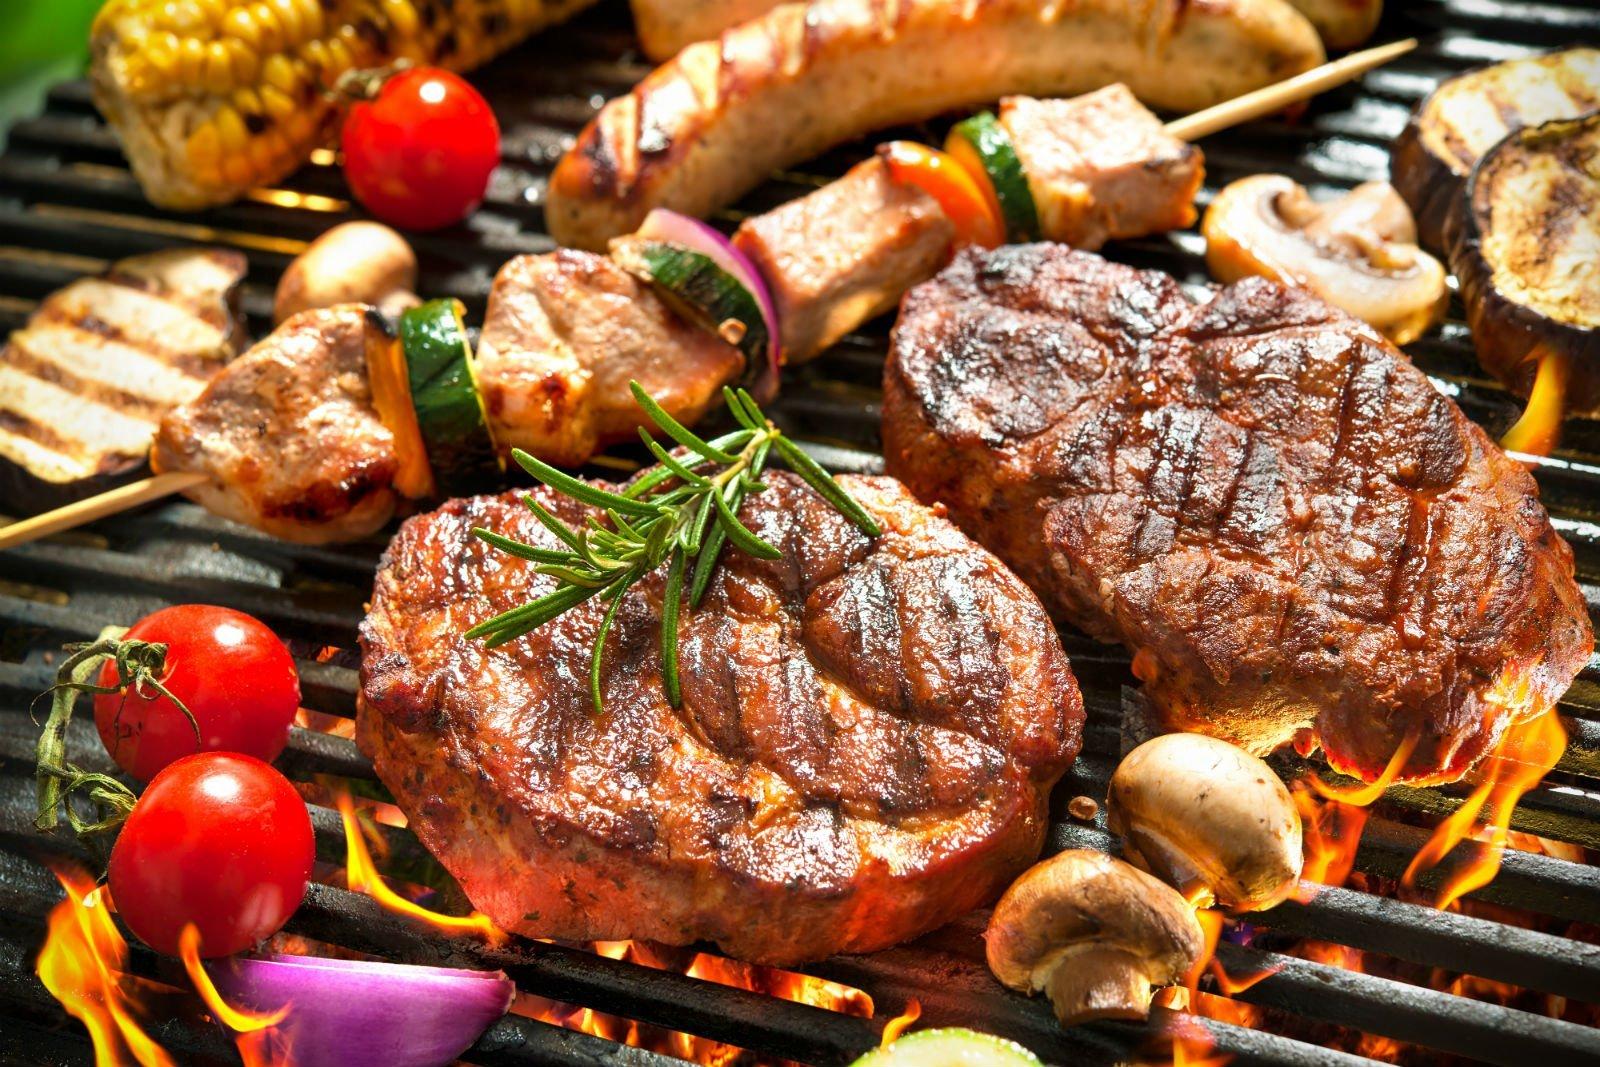 Degli spiedini e degli hamburger sulla griglia